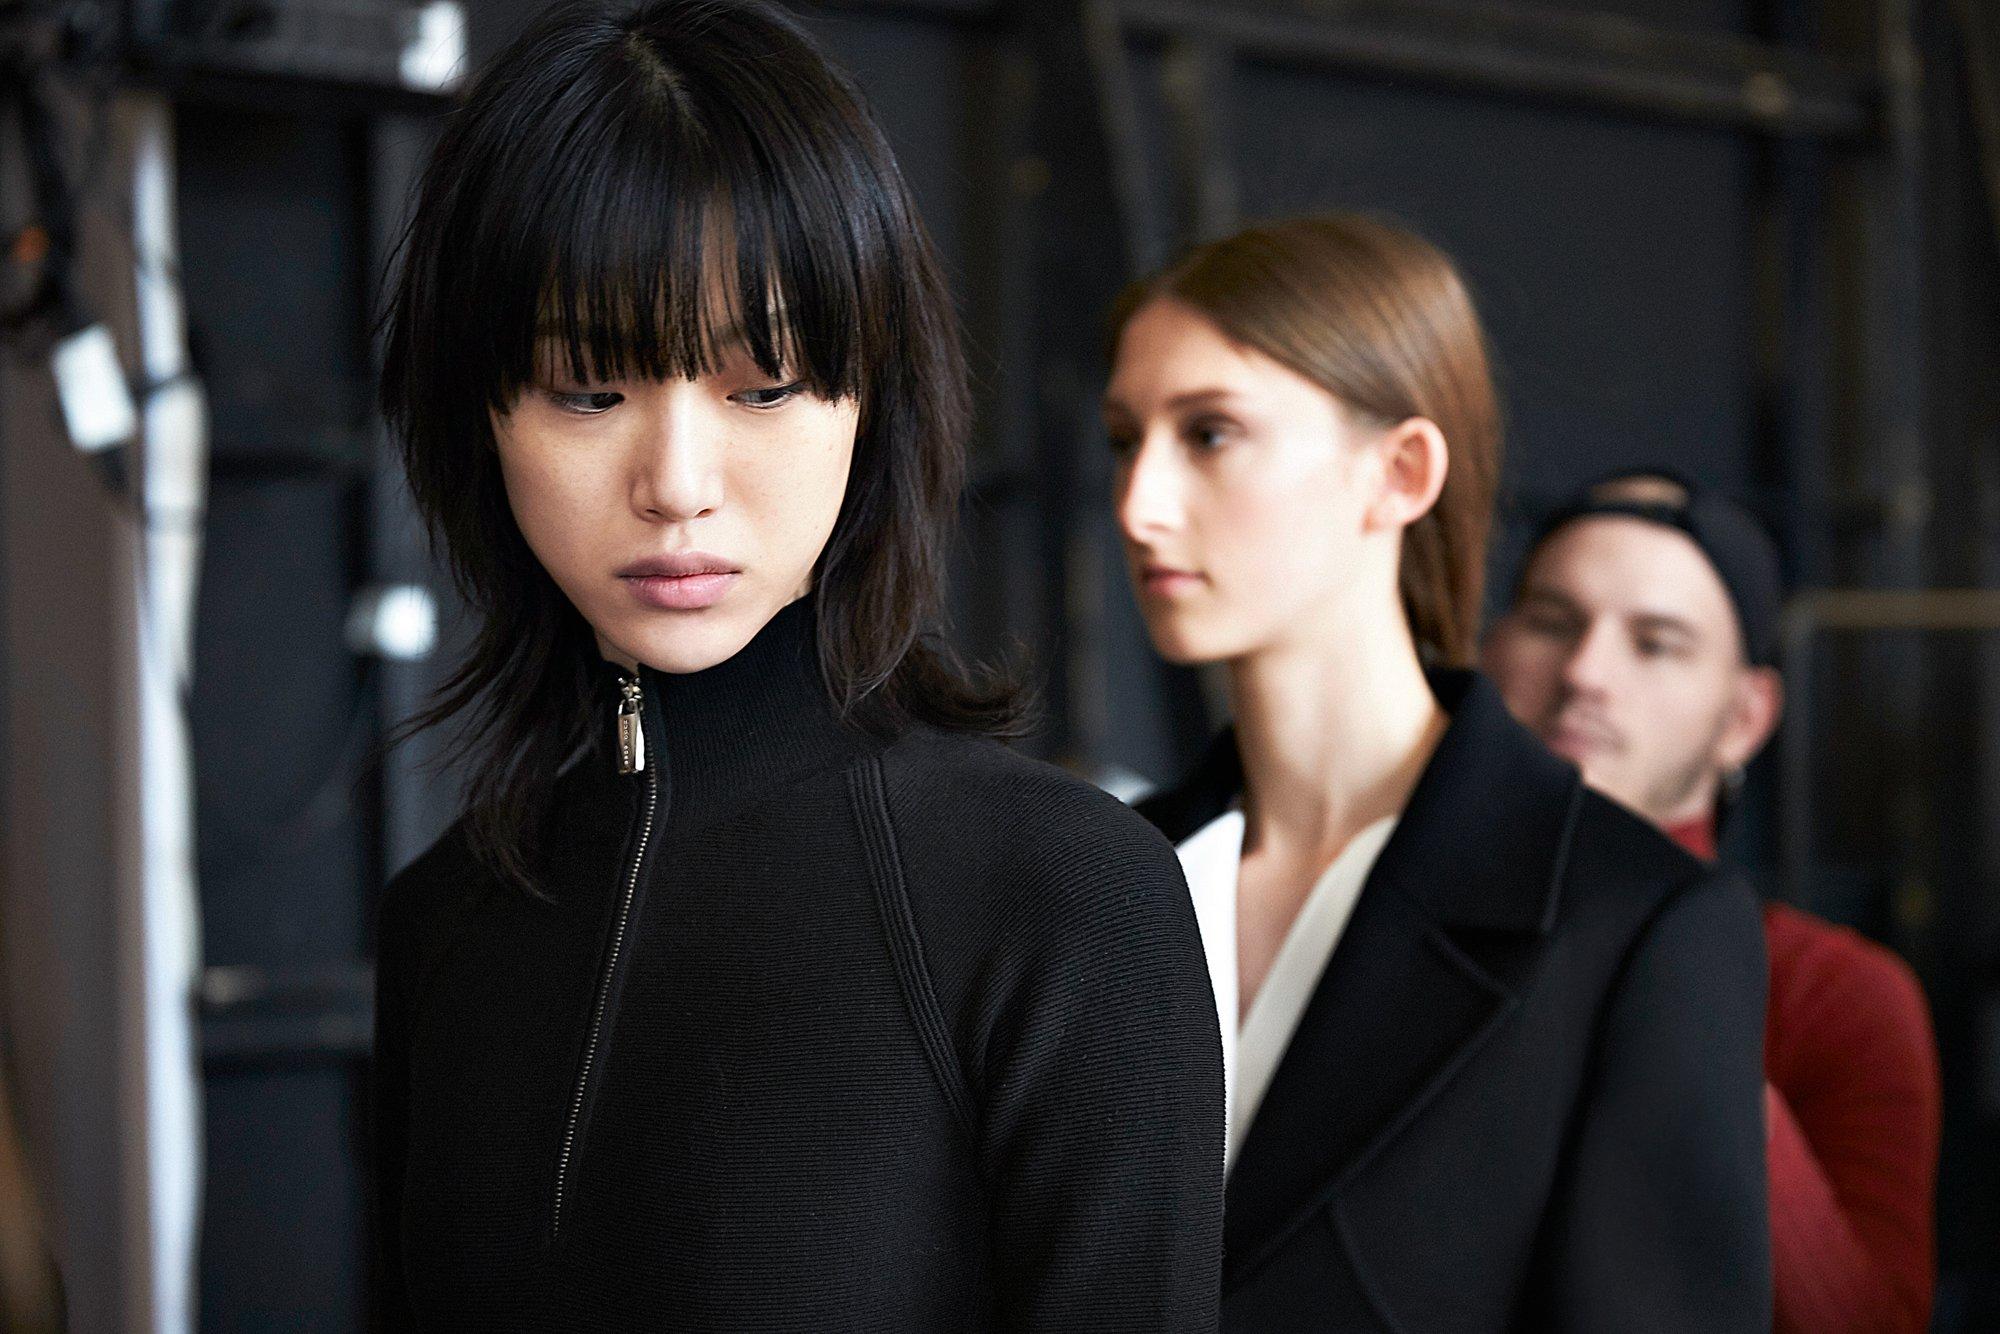 Mannequins en coulisse au défilé de la New York Fashion Week Automne/Hiver2016 portant une robe noire et un costume noir avec une chemise blanche BOSS